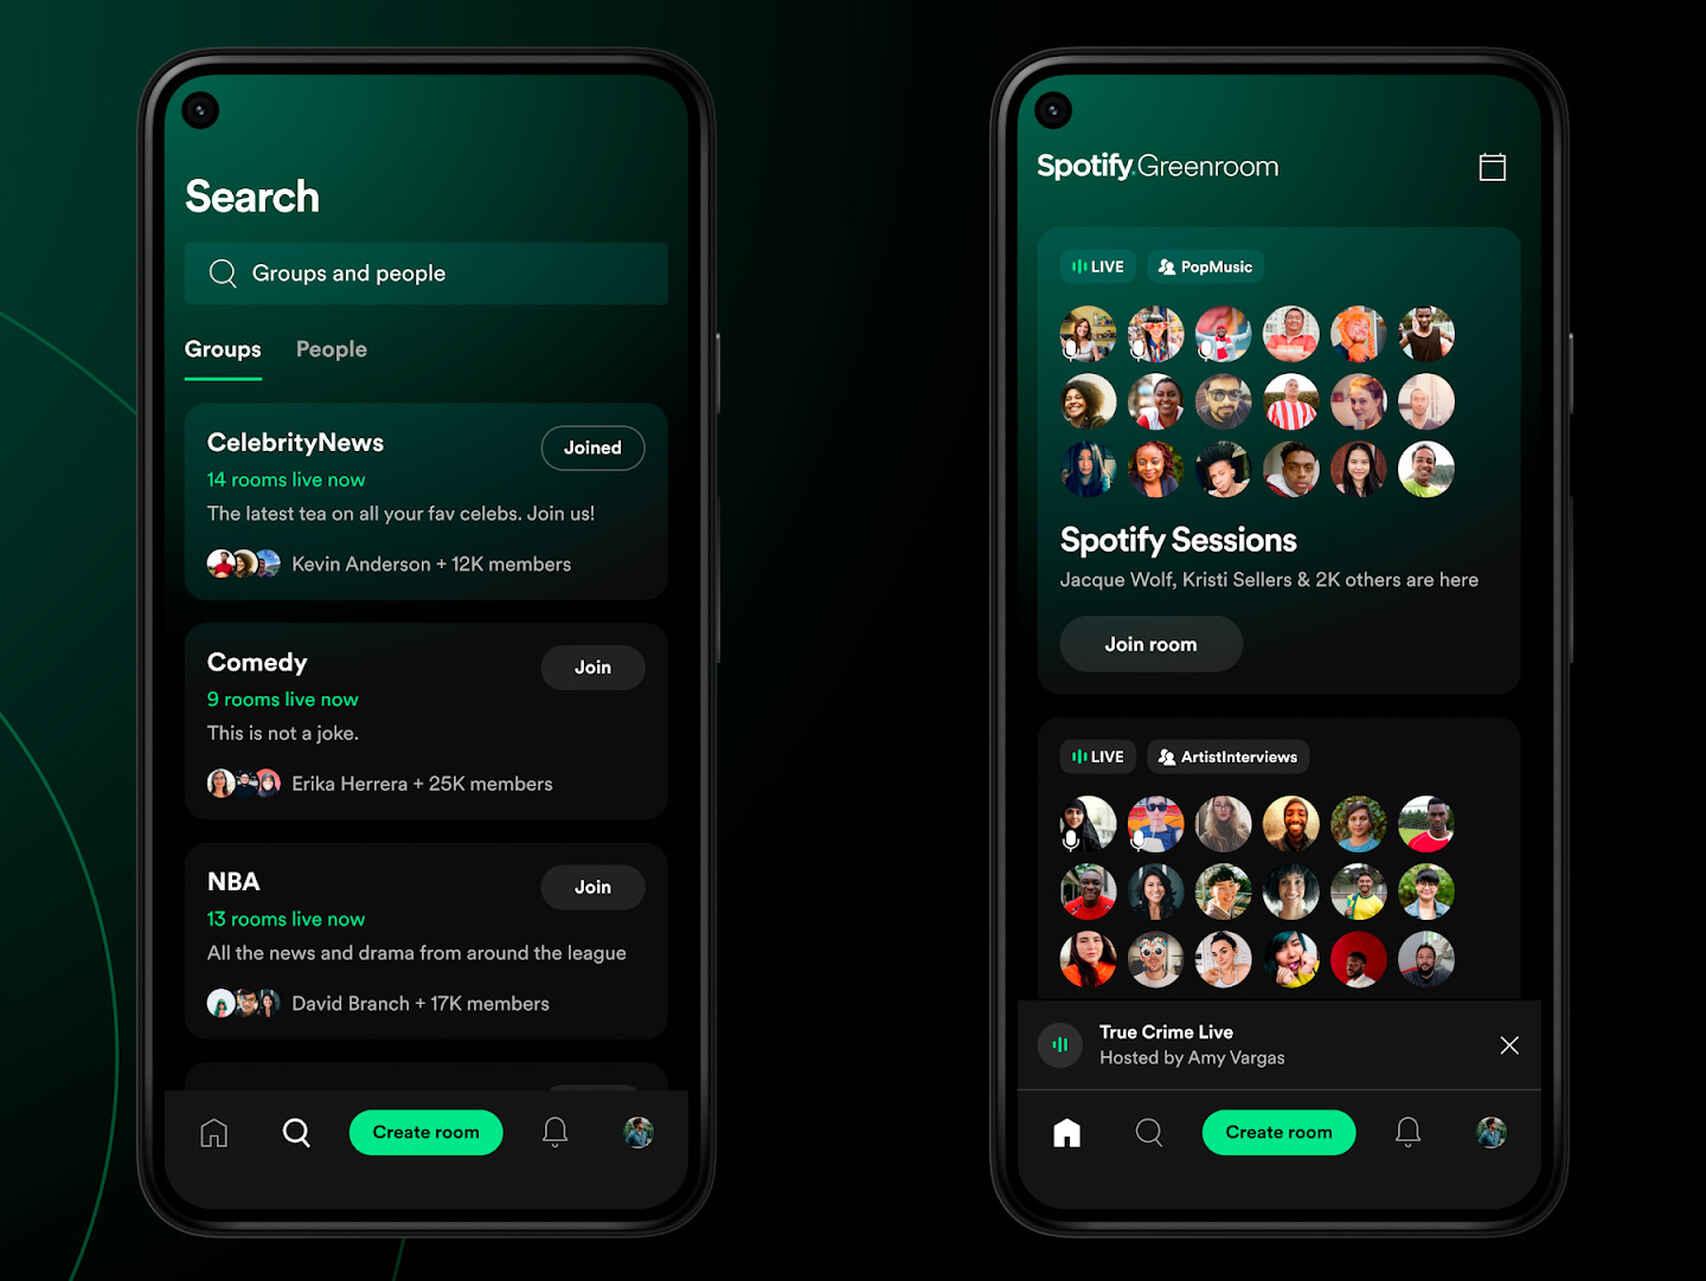 spotify greenroom descargar appstore play store android salas de audio grupos podcasts monetizacion plataforma aplicacion app